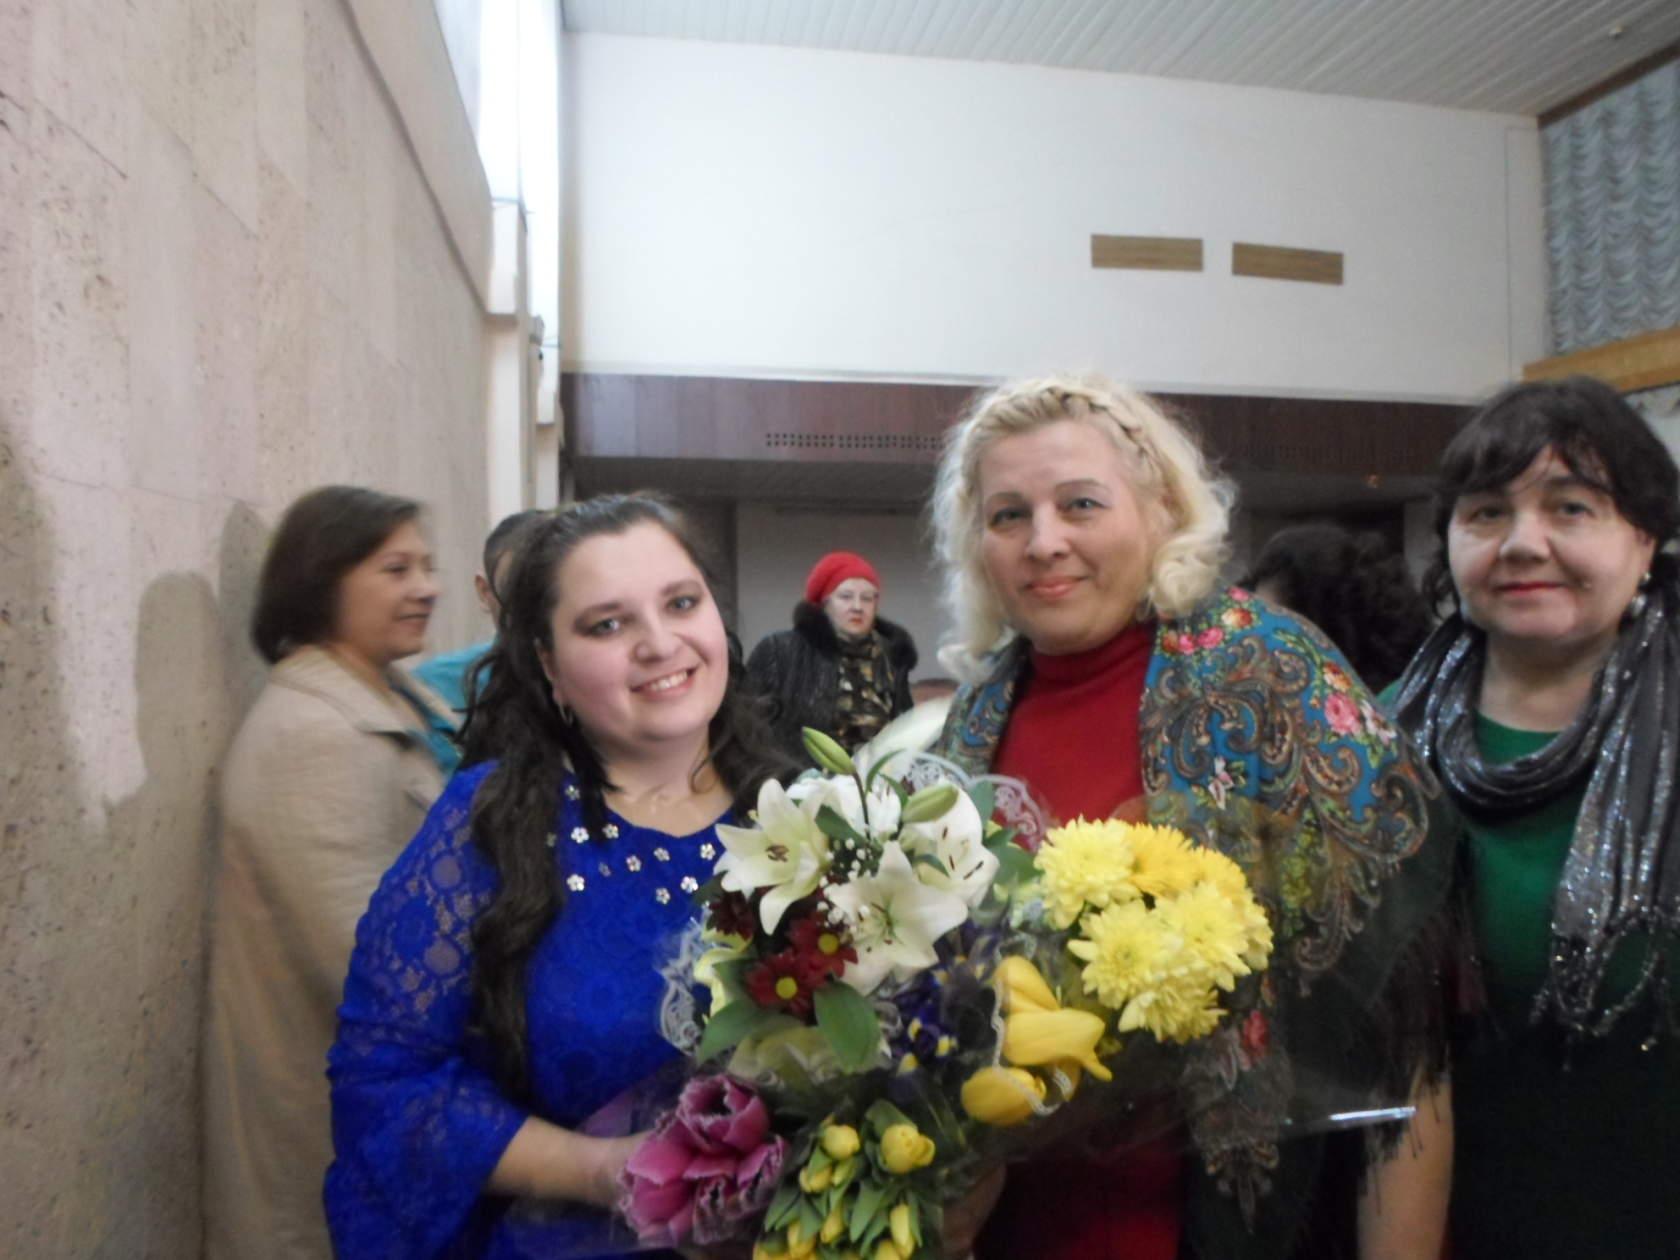 Лауреат Международных конкурсов Алеся Лужкова (Подворчан) порадовала милых дам концертом «Весеннее настроение»